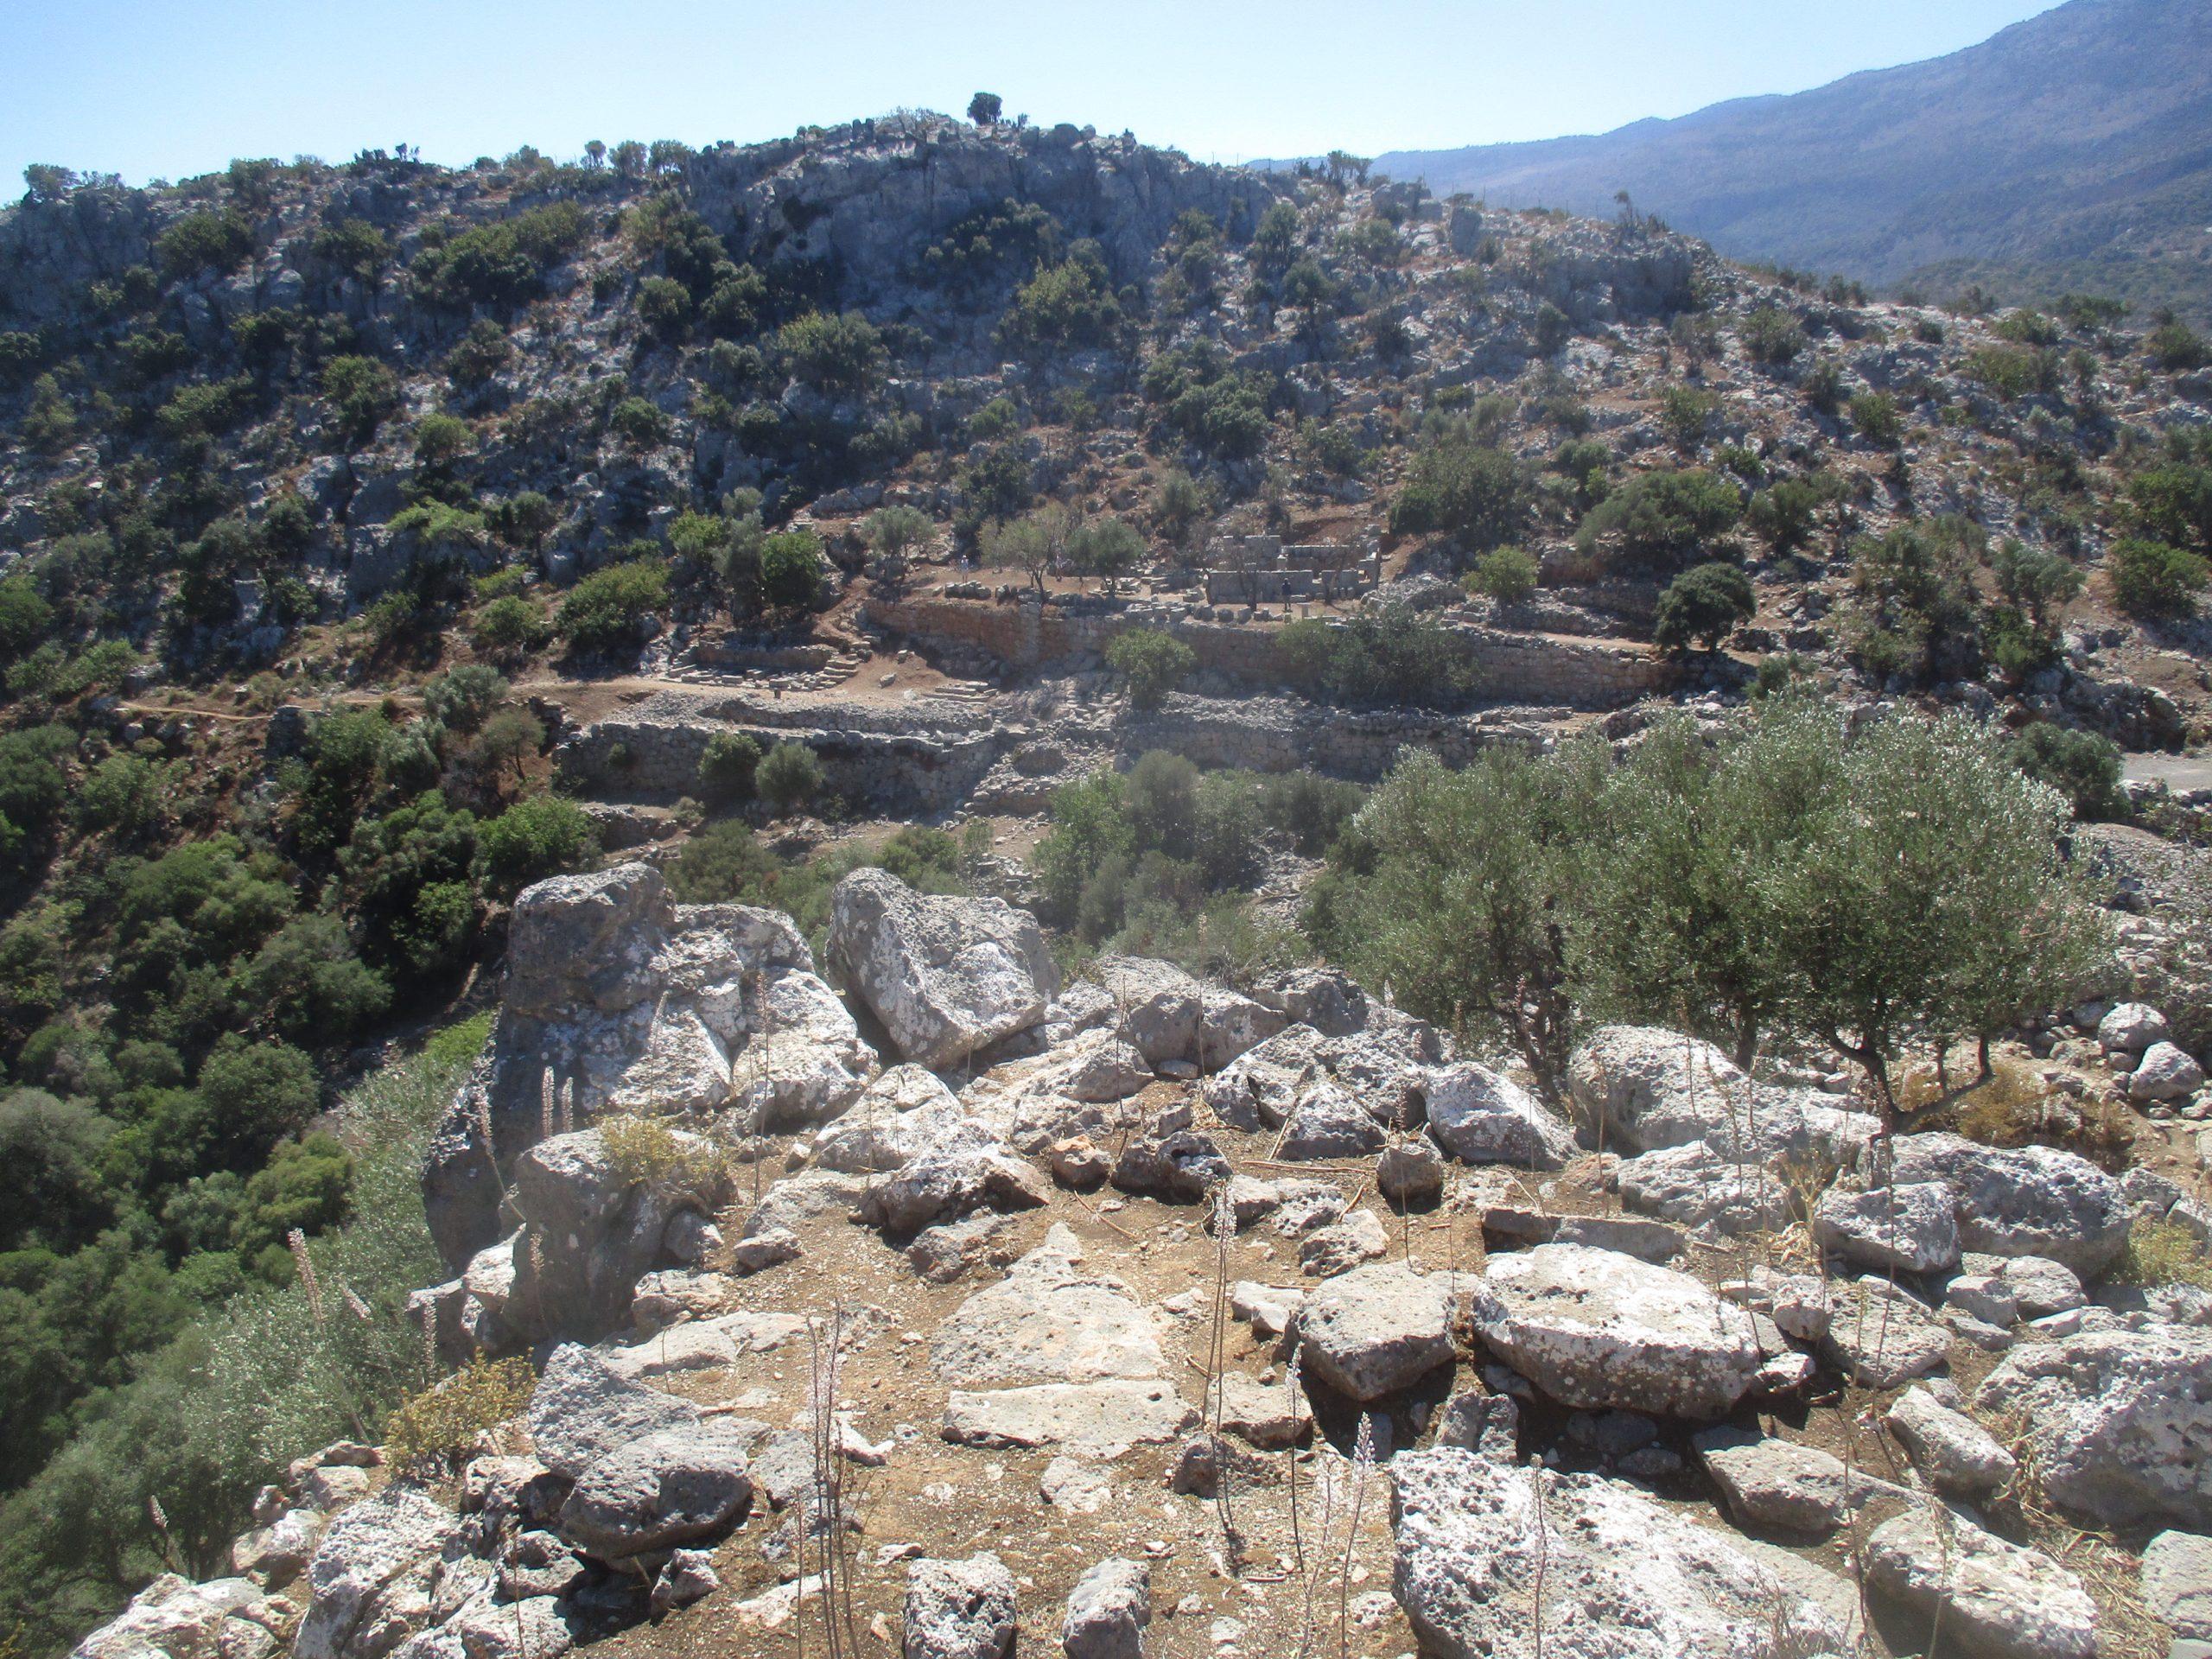 Der Blick vom westlichen Siedlungshügl der archäologischen Fundstätte Lato zum Östlichen Siedlungshügel. Zu sehen ist, das die Siedlung in Terrassen den Berg hochklettert. Es sind nur Ruienen von Häusern vorhanden.